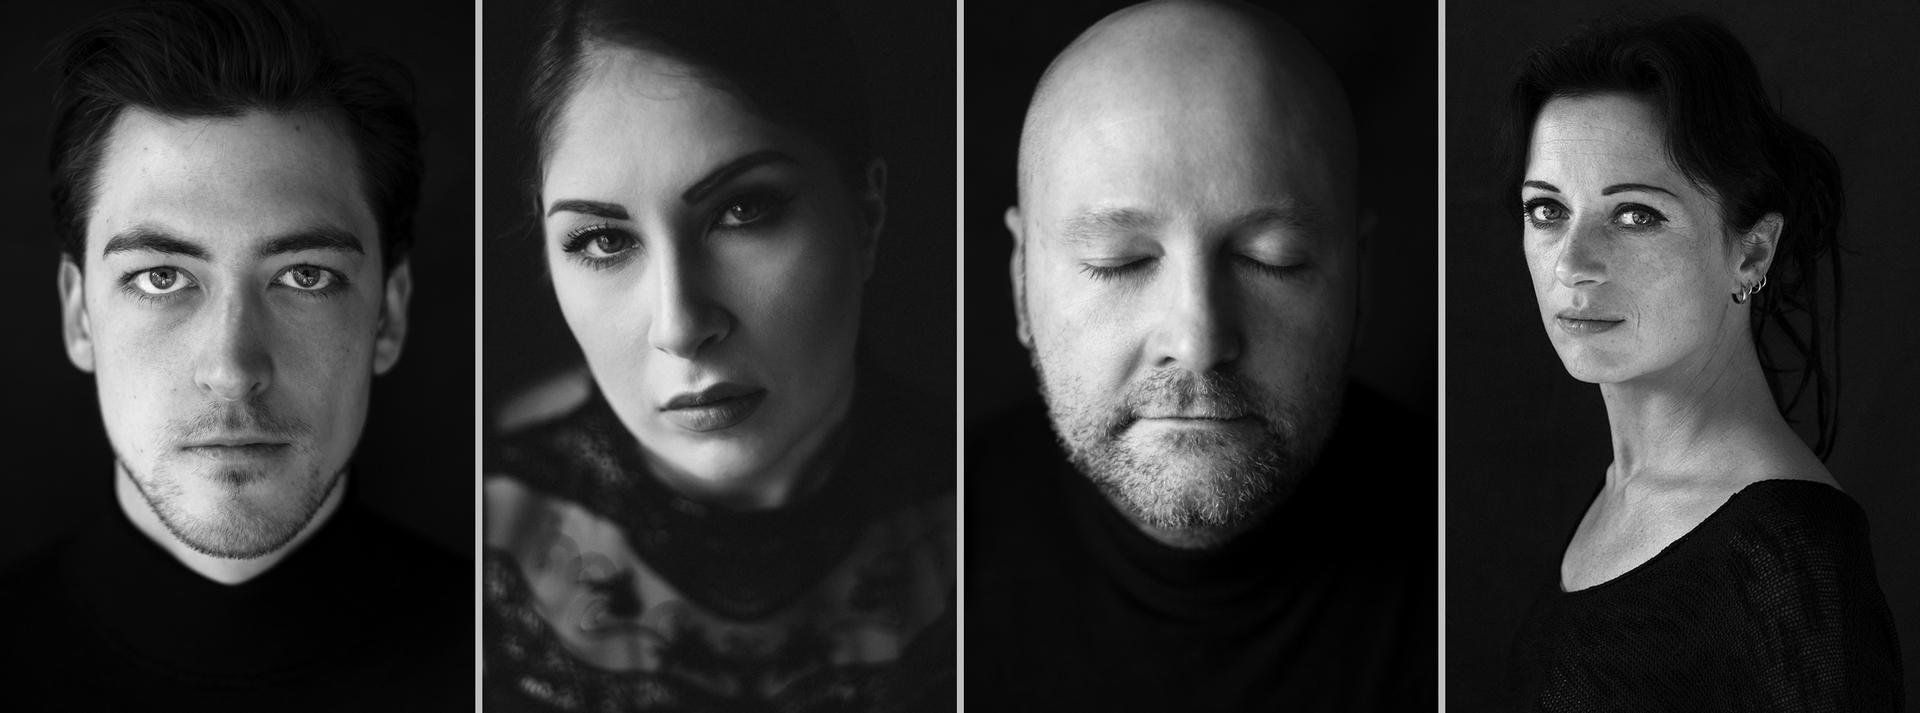 Schwarz-weiß-Aufnahmen von der Fotografin und Künstlerin Astrid Schulz aus Bremen. Sie porträtierte hier Männer und Frauen unterschiedlichen Alters.